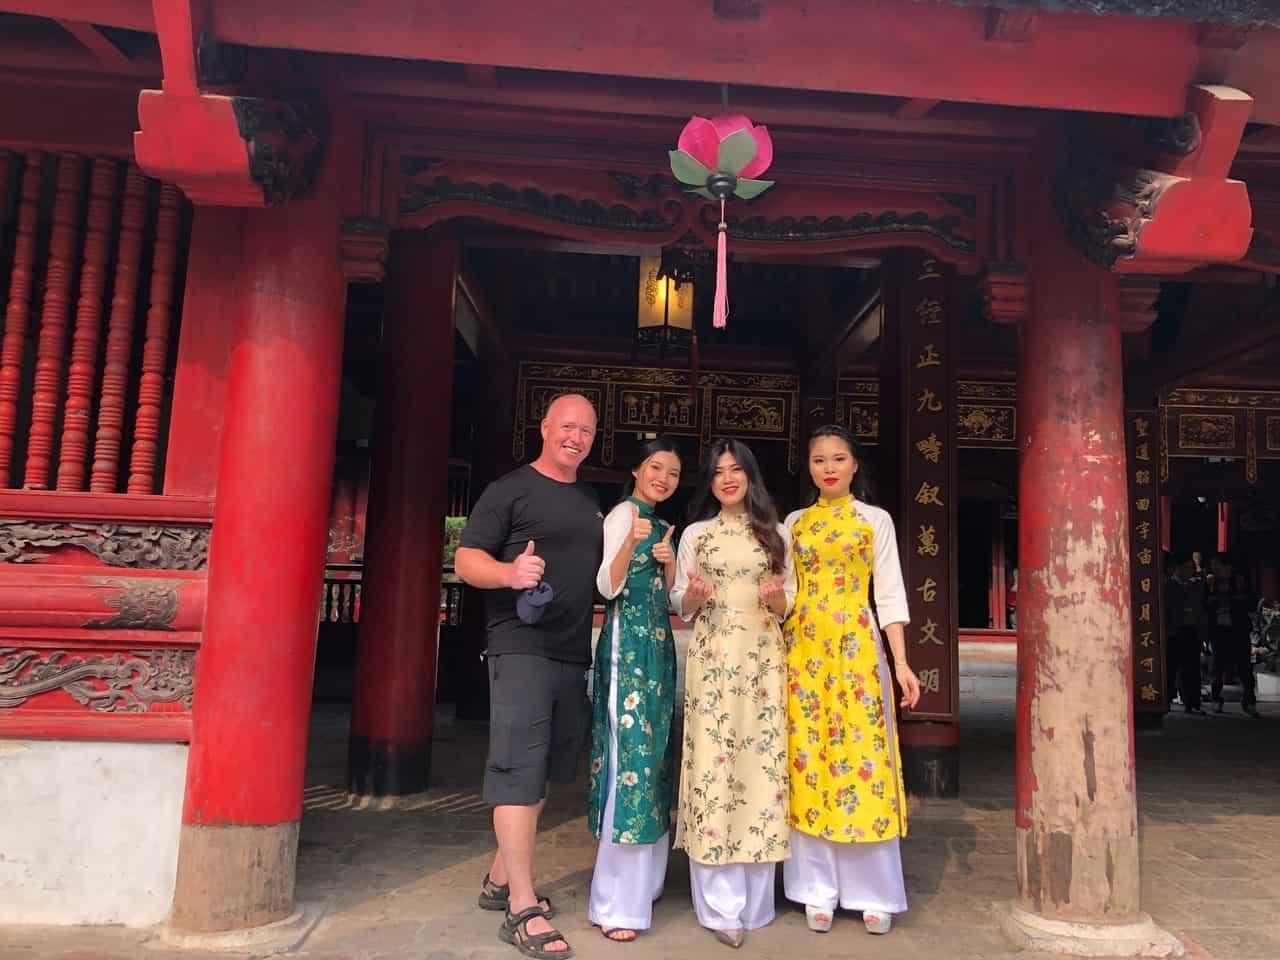 Rejseleder Brian Hansen foran Litteraturens Tempel i Hanoi - Risskov Rejser